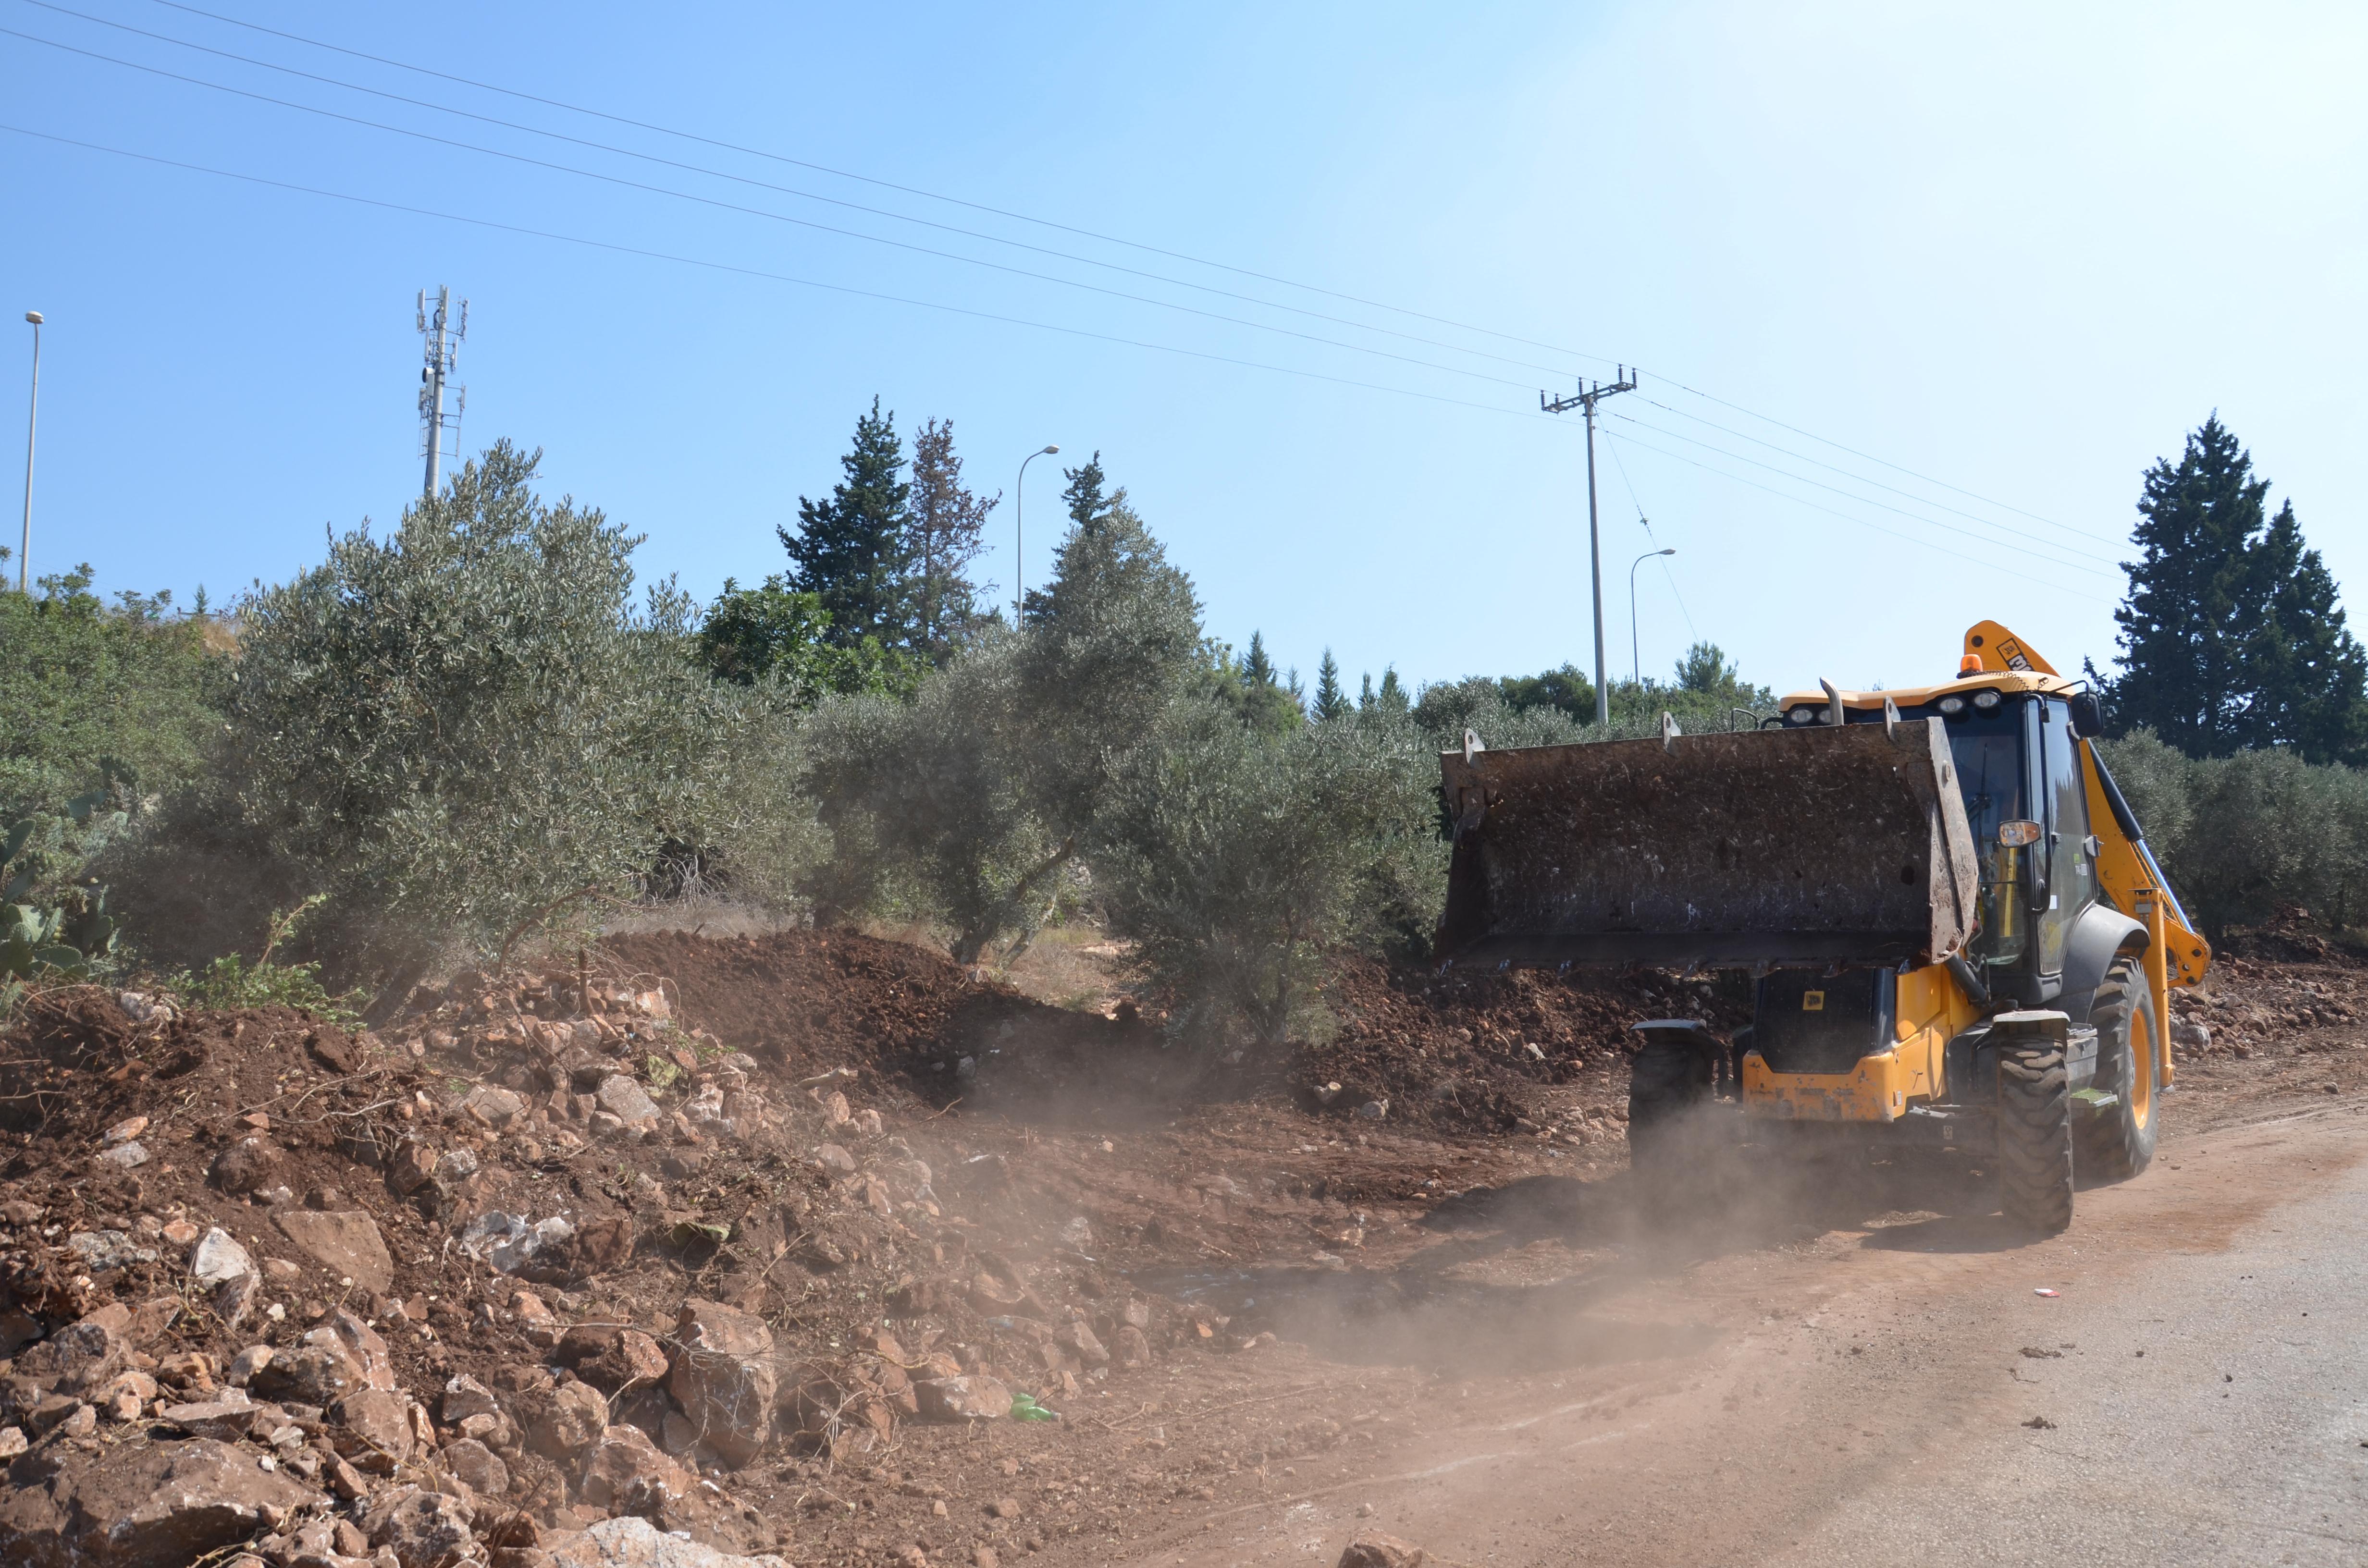 مجلس كوكب ابو الهيجاء يبدأ بتنفيذ المرحلة الأولى من شارع المقامات